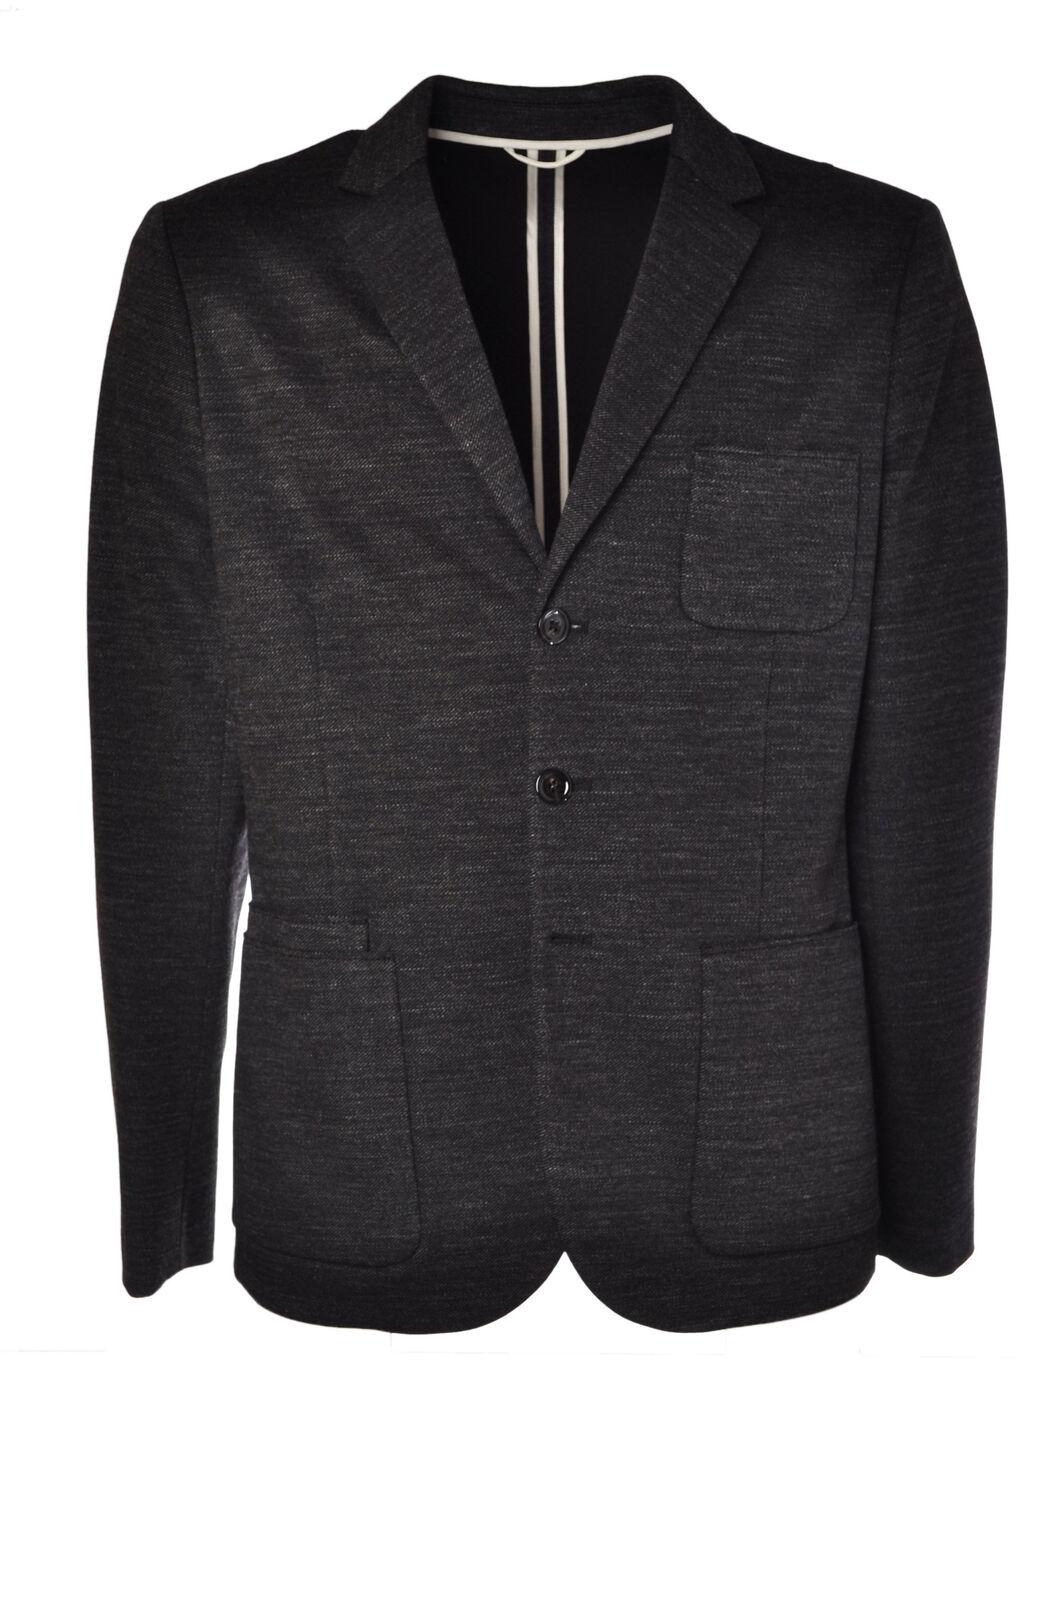 Paolo Pecora - Outerwear-jackes - Man - grau - 473015C180721